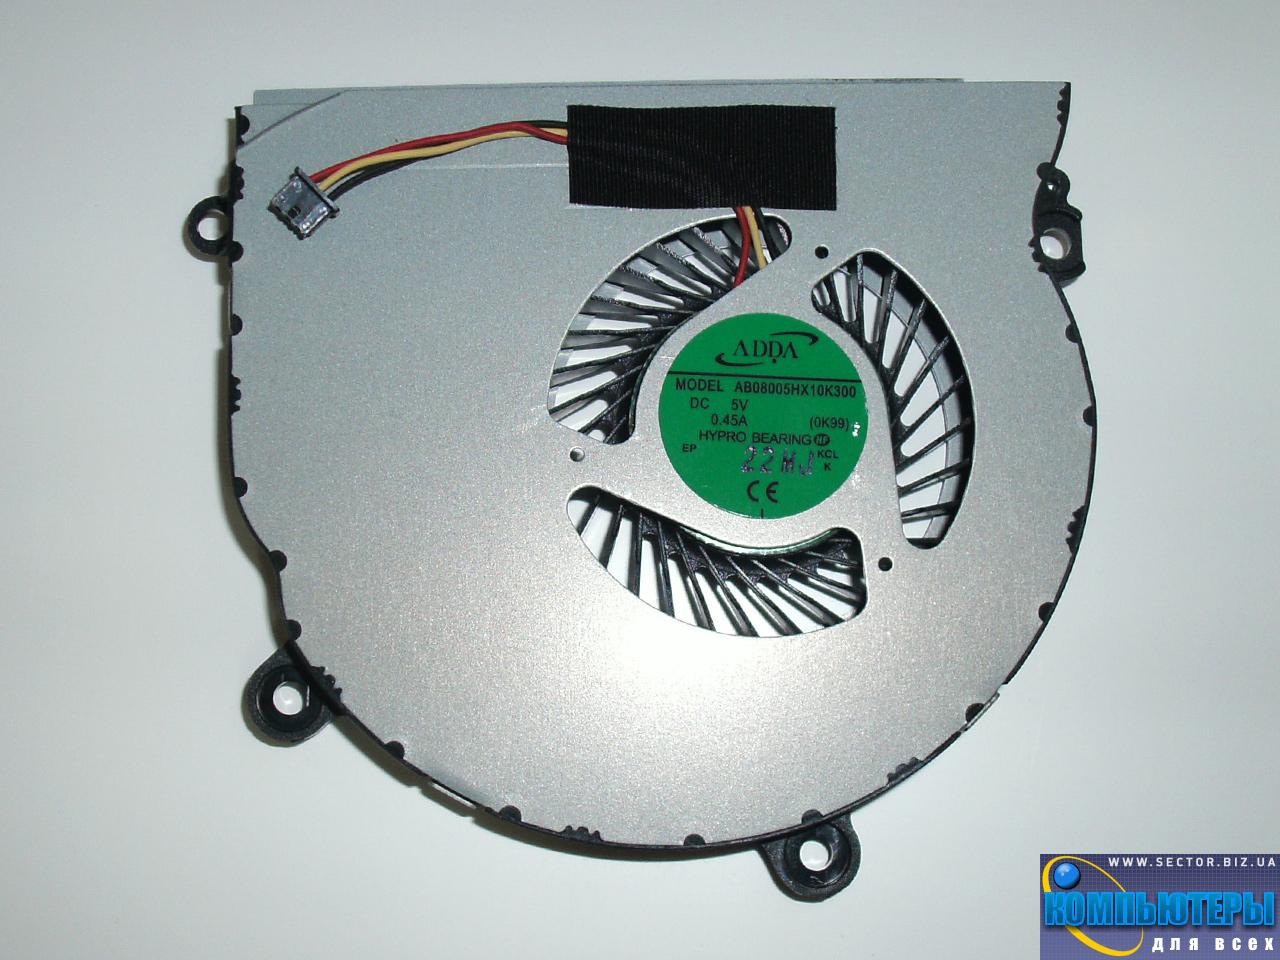 Кулер к ноутбуку Samsung NP355E4C NP355E5C NP355E5X p/n: AB08005HX10K300. Фото № 2.